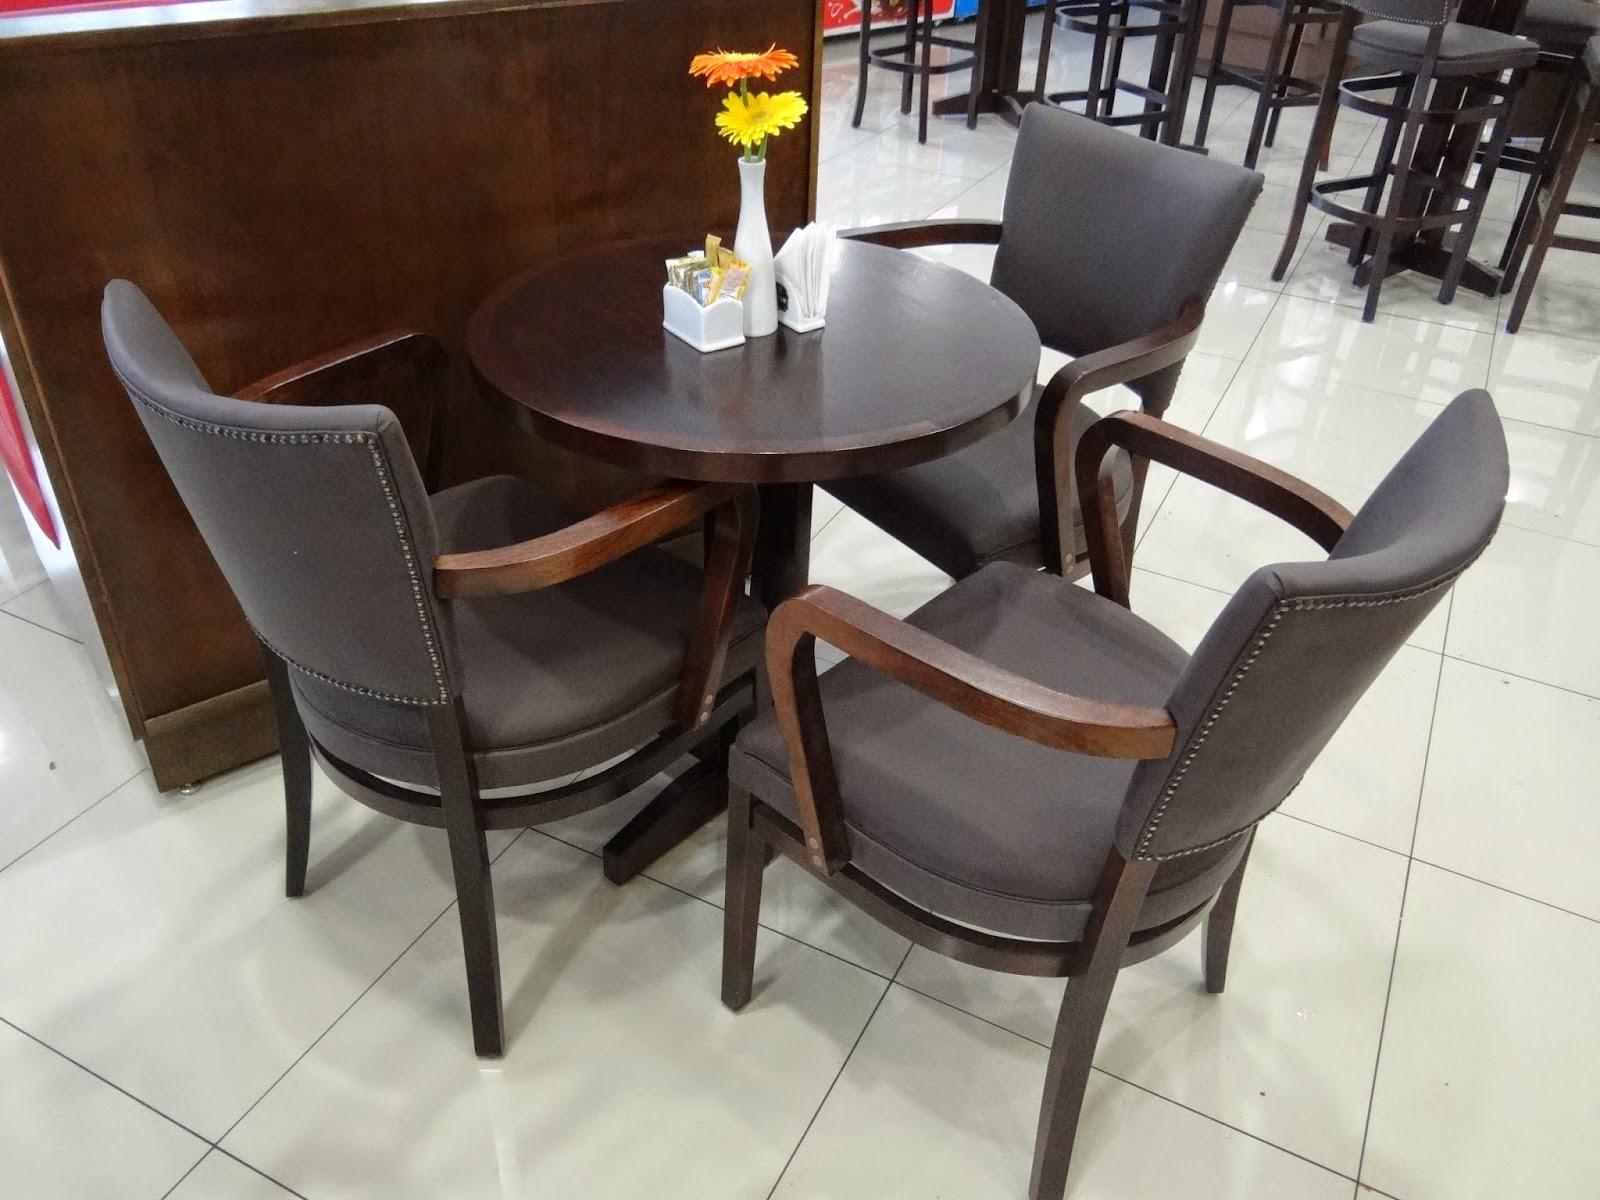 dellabruna mesas e cadeiras